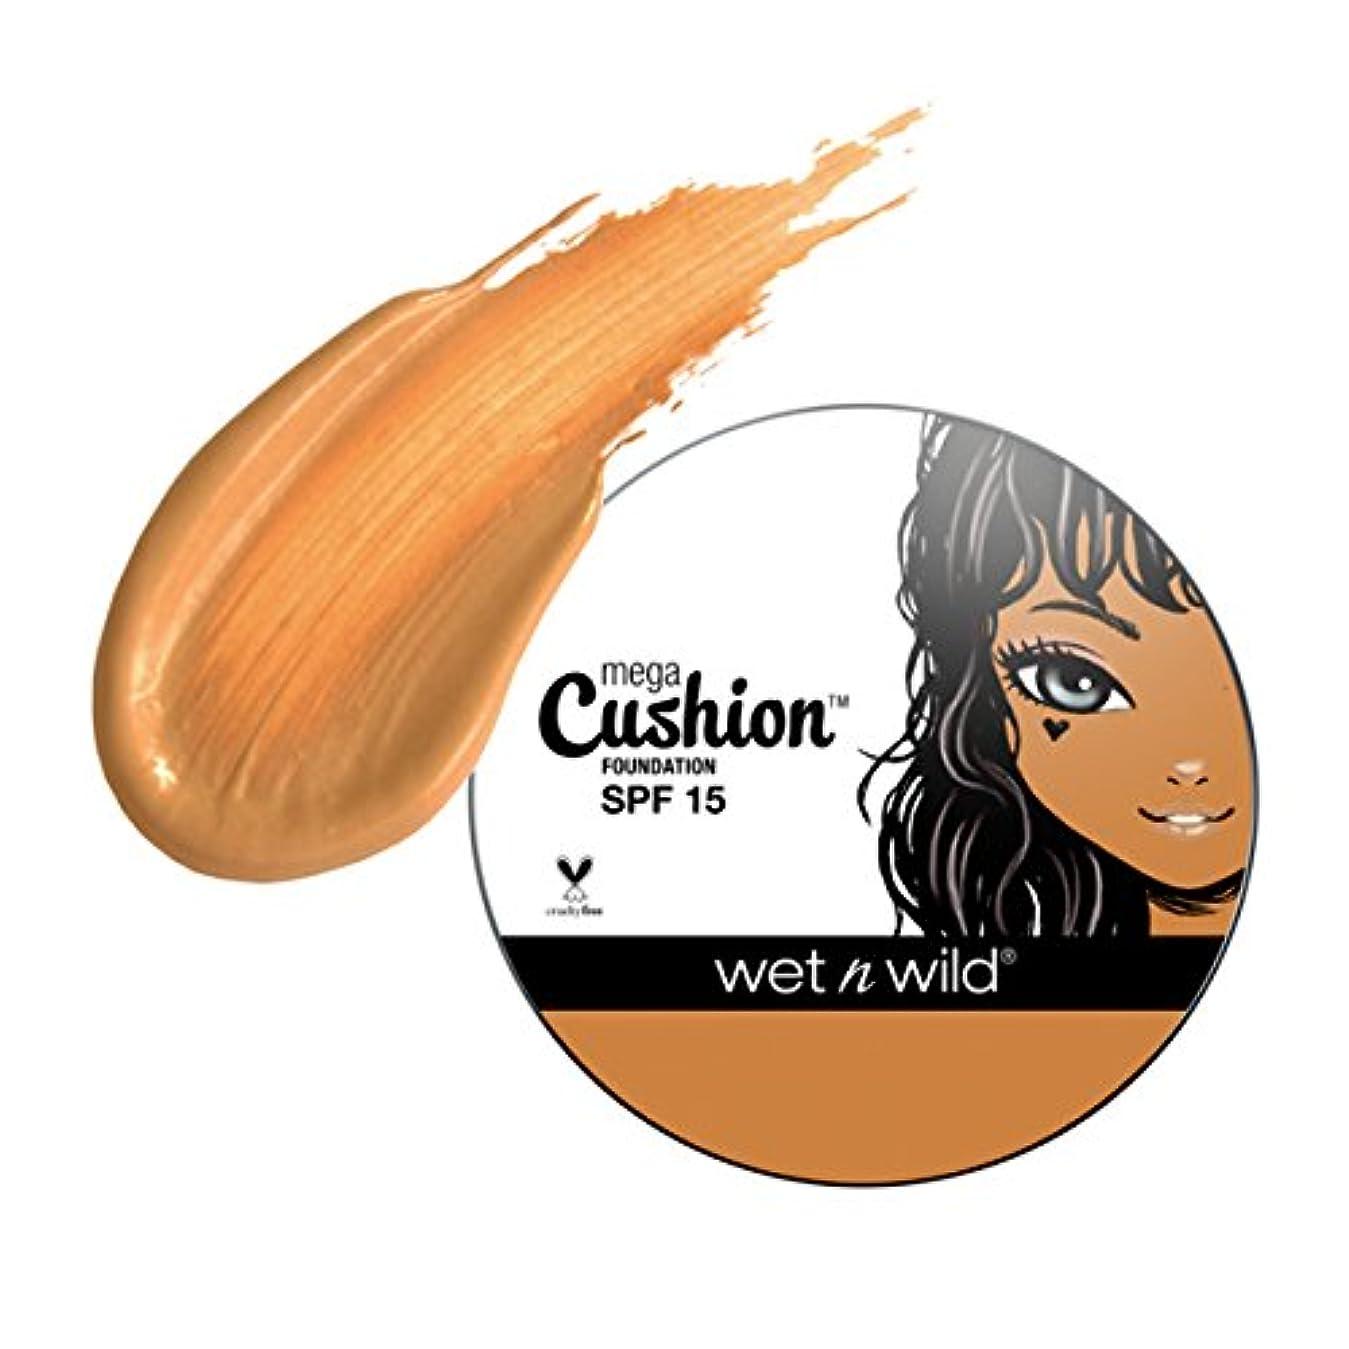 爪記者すごい(6 Pack) WET N WILD MegaCushion Foundation SPF 15 - Tawny (並行輸入品)